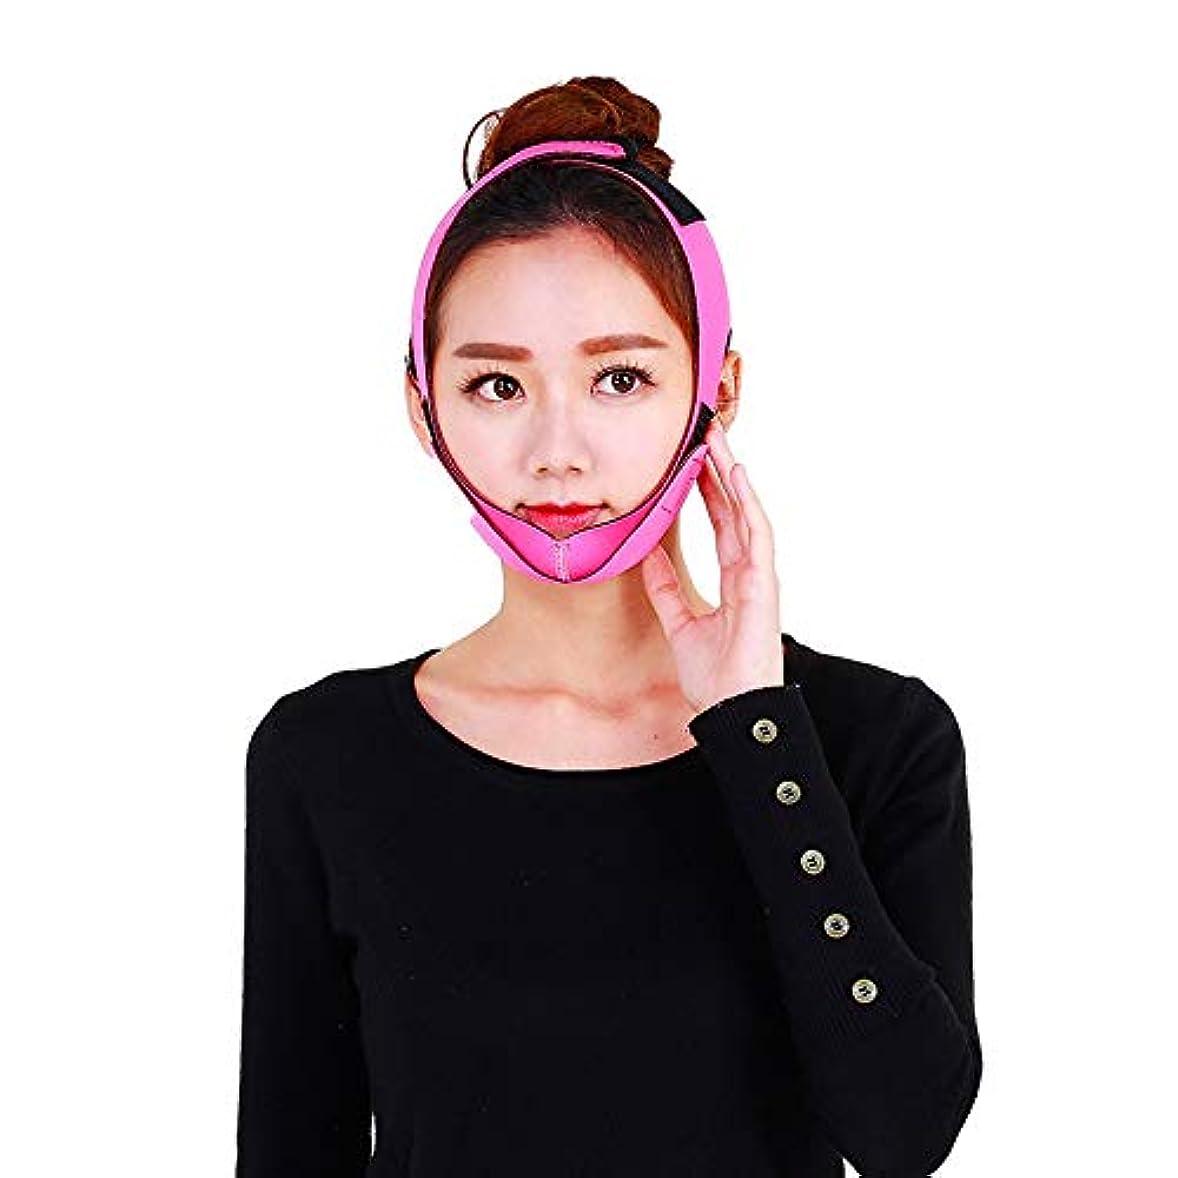 均等に所属ハグMinmin 顔の持ち上がる痩身ベルト - 薄い顔包帯二重あごのデバイス無料の顔のマッサージ整形マスクが顔と首を締めます みんみんVラインフェイスマスク